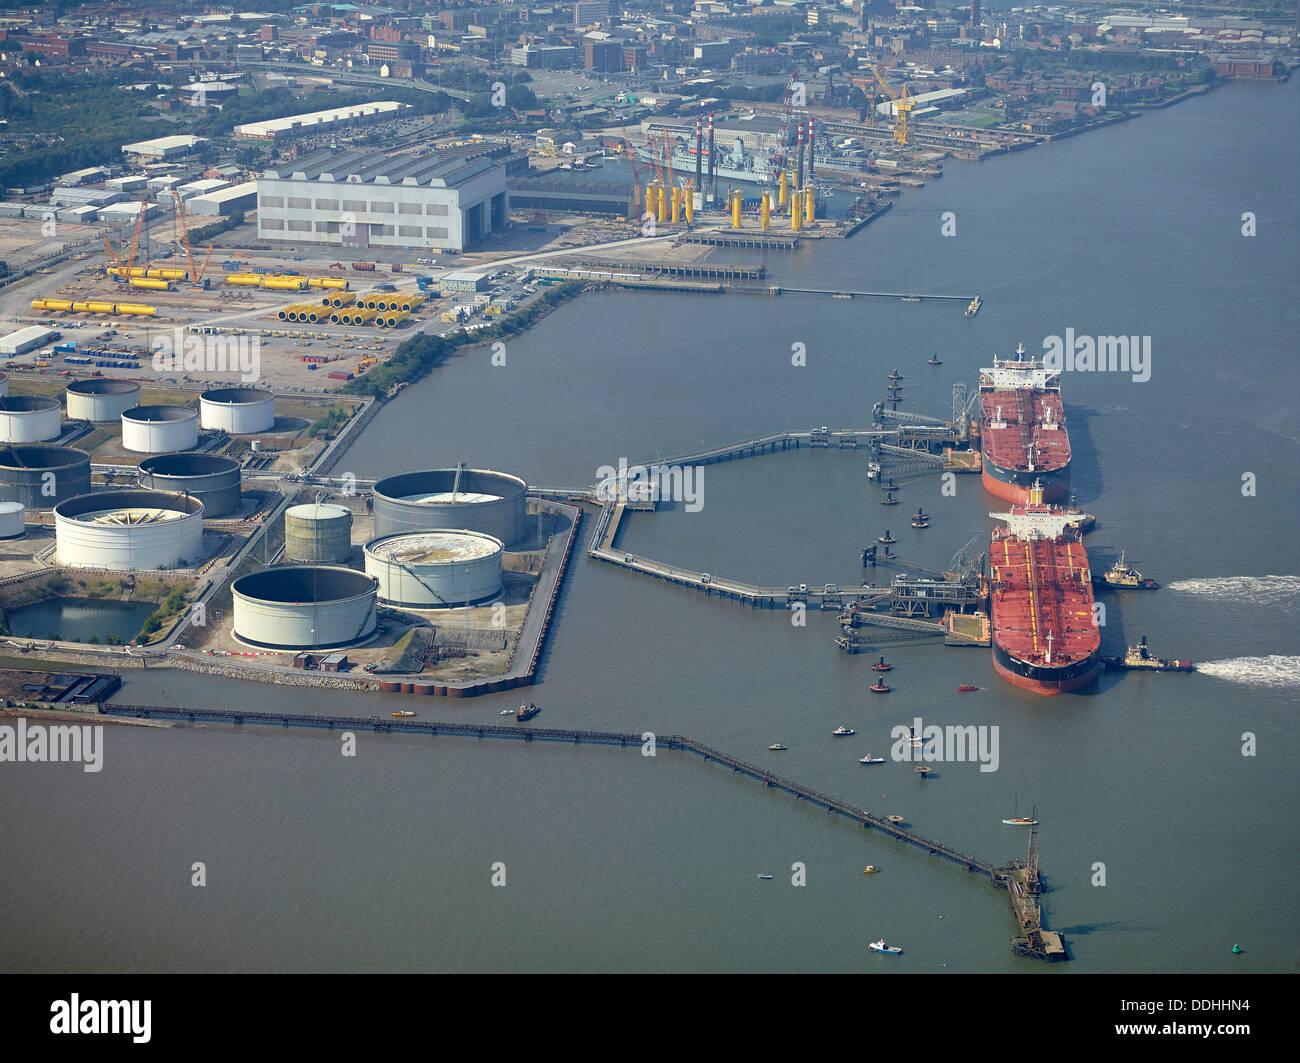 Le déchargement des pétroliers à Birkenhead sur la Mersey, Liverpool, nord-ouest de l'Angleterre, Royaume-Uni Banque D'Images